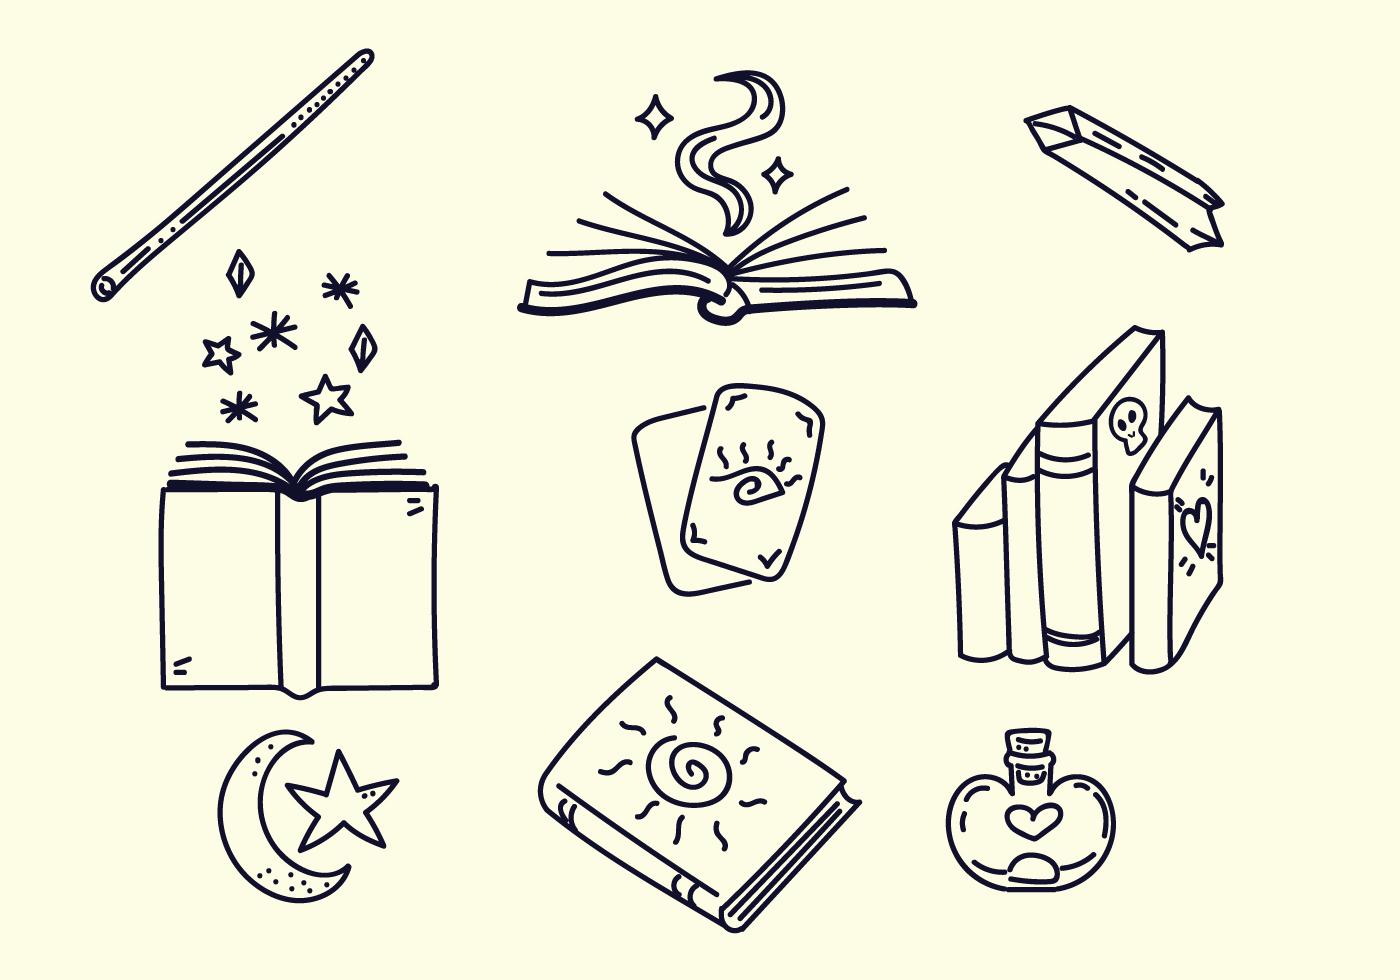 spel illustration bok